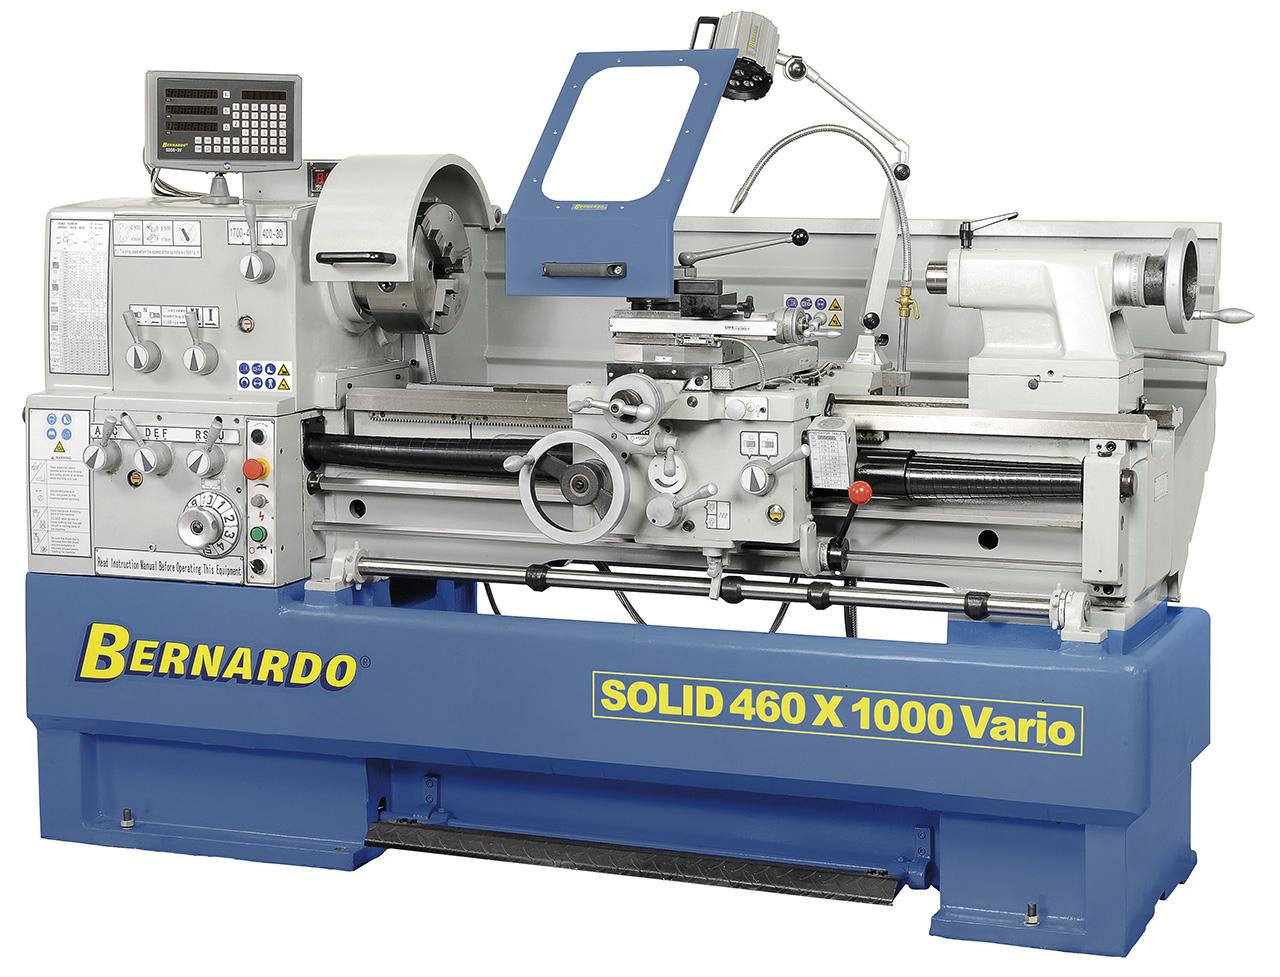 Solid 460 x 1000 Vario